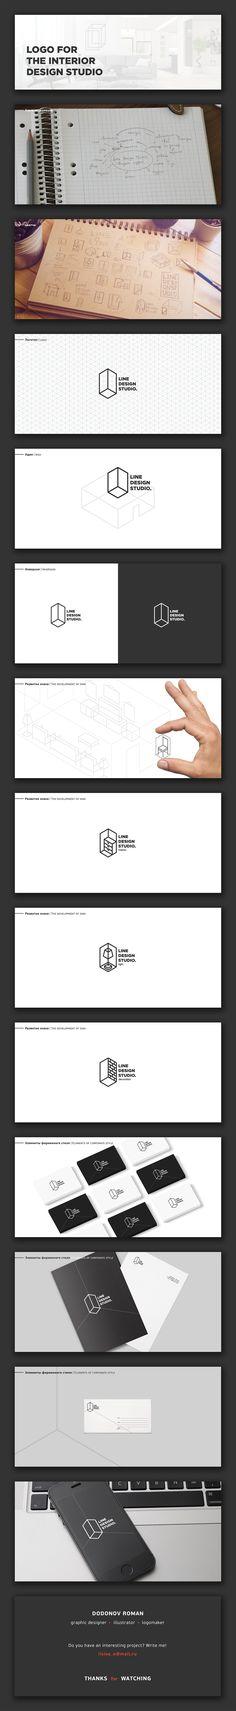 Logo for the interior design studio on Behance . Logo for the interior design studio on Behance Má Visual Design, Creative Design, Studio Logo, Typo Logo, Logo Branding, Web Design Mobile, Geometric Logo, Picture Logo, Interior Design Studio